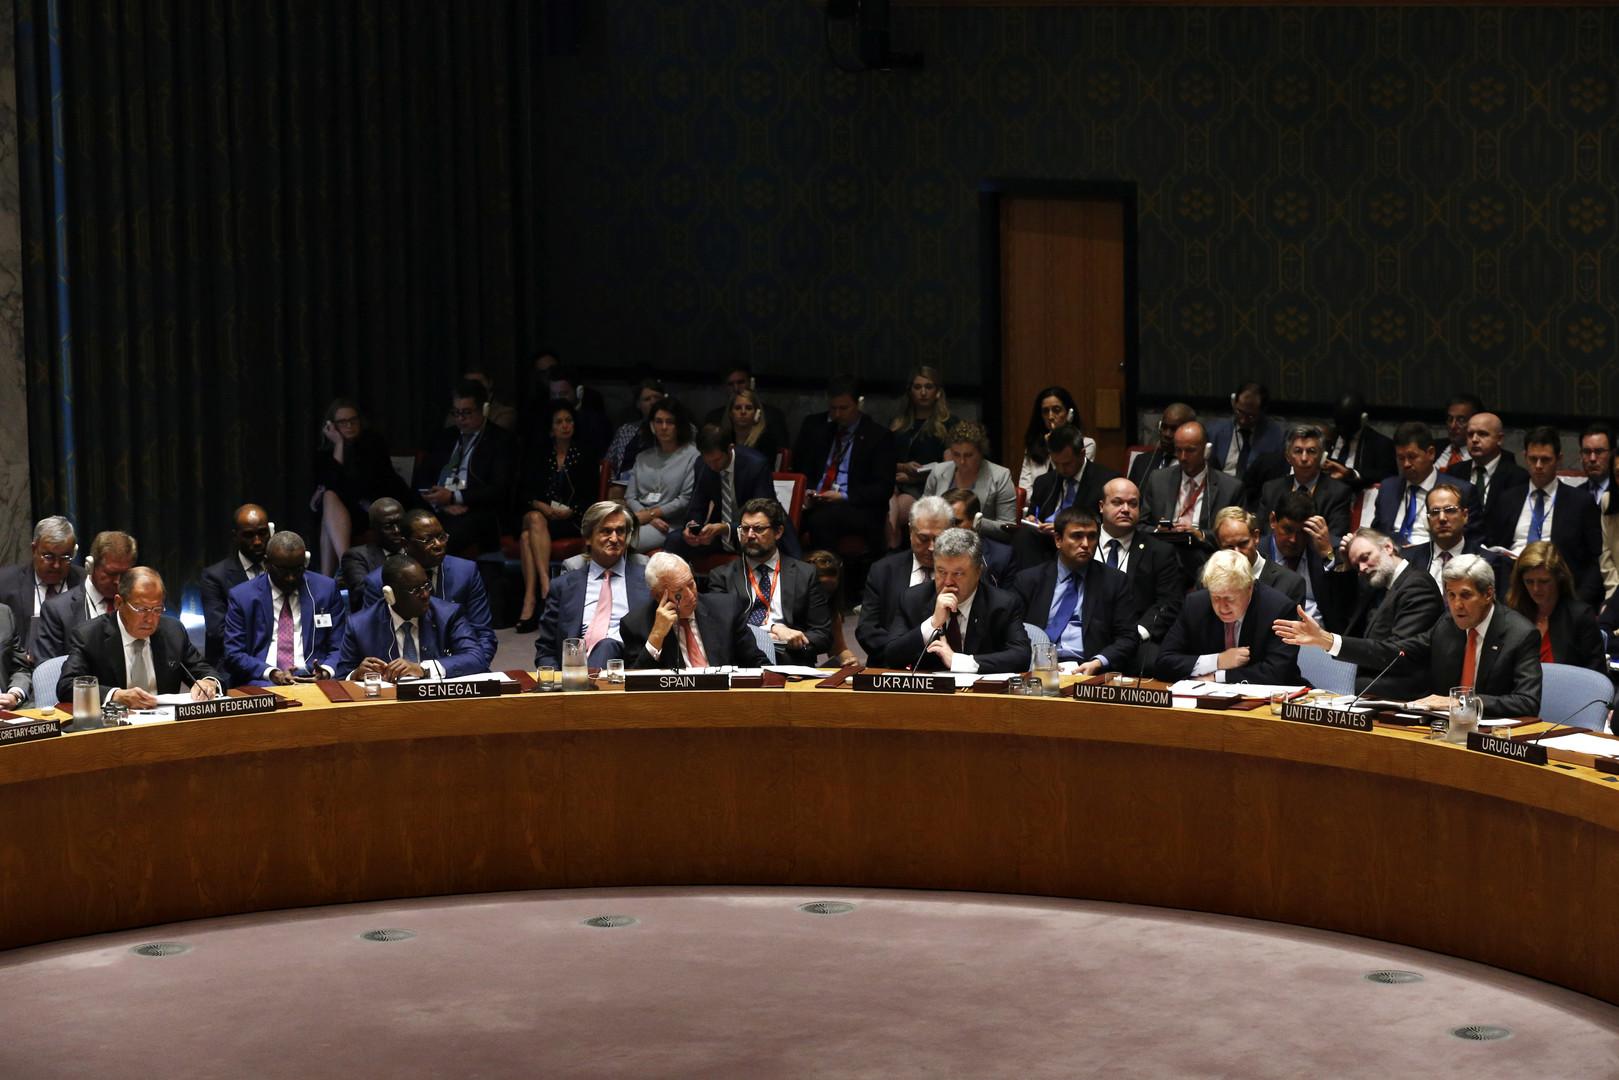 В один голос: кто и зачем хочет ограничить право вето в Совбезе ООН